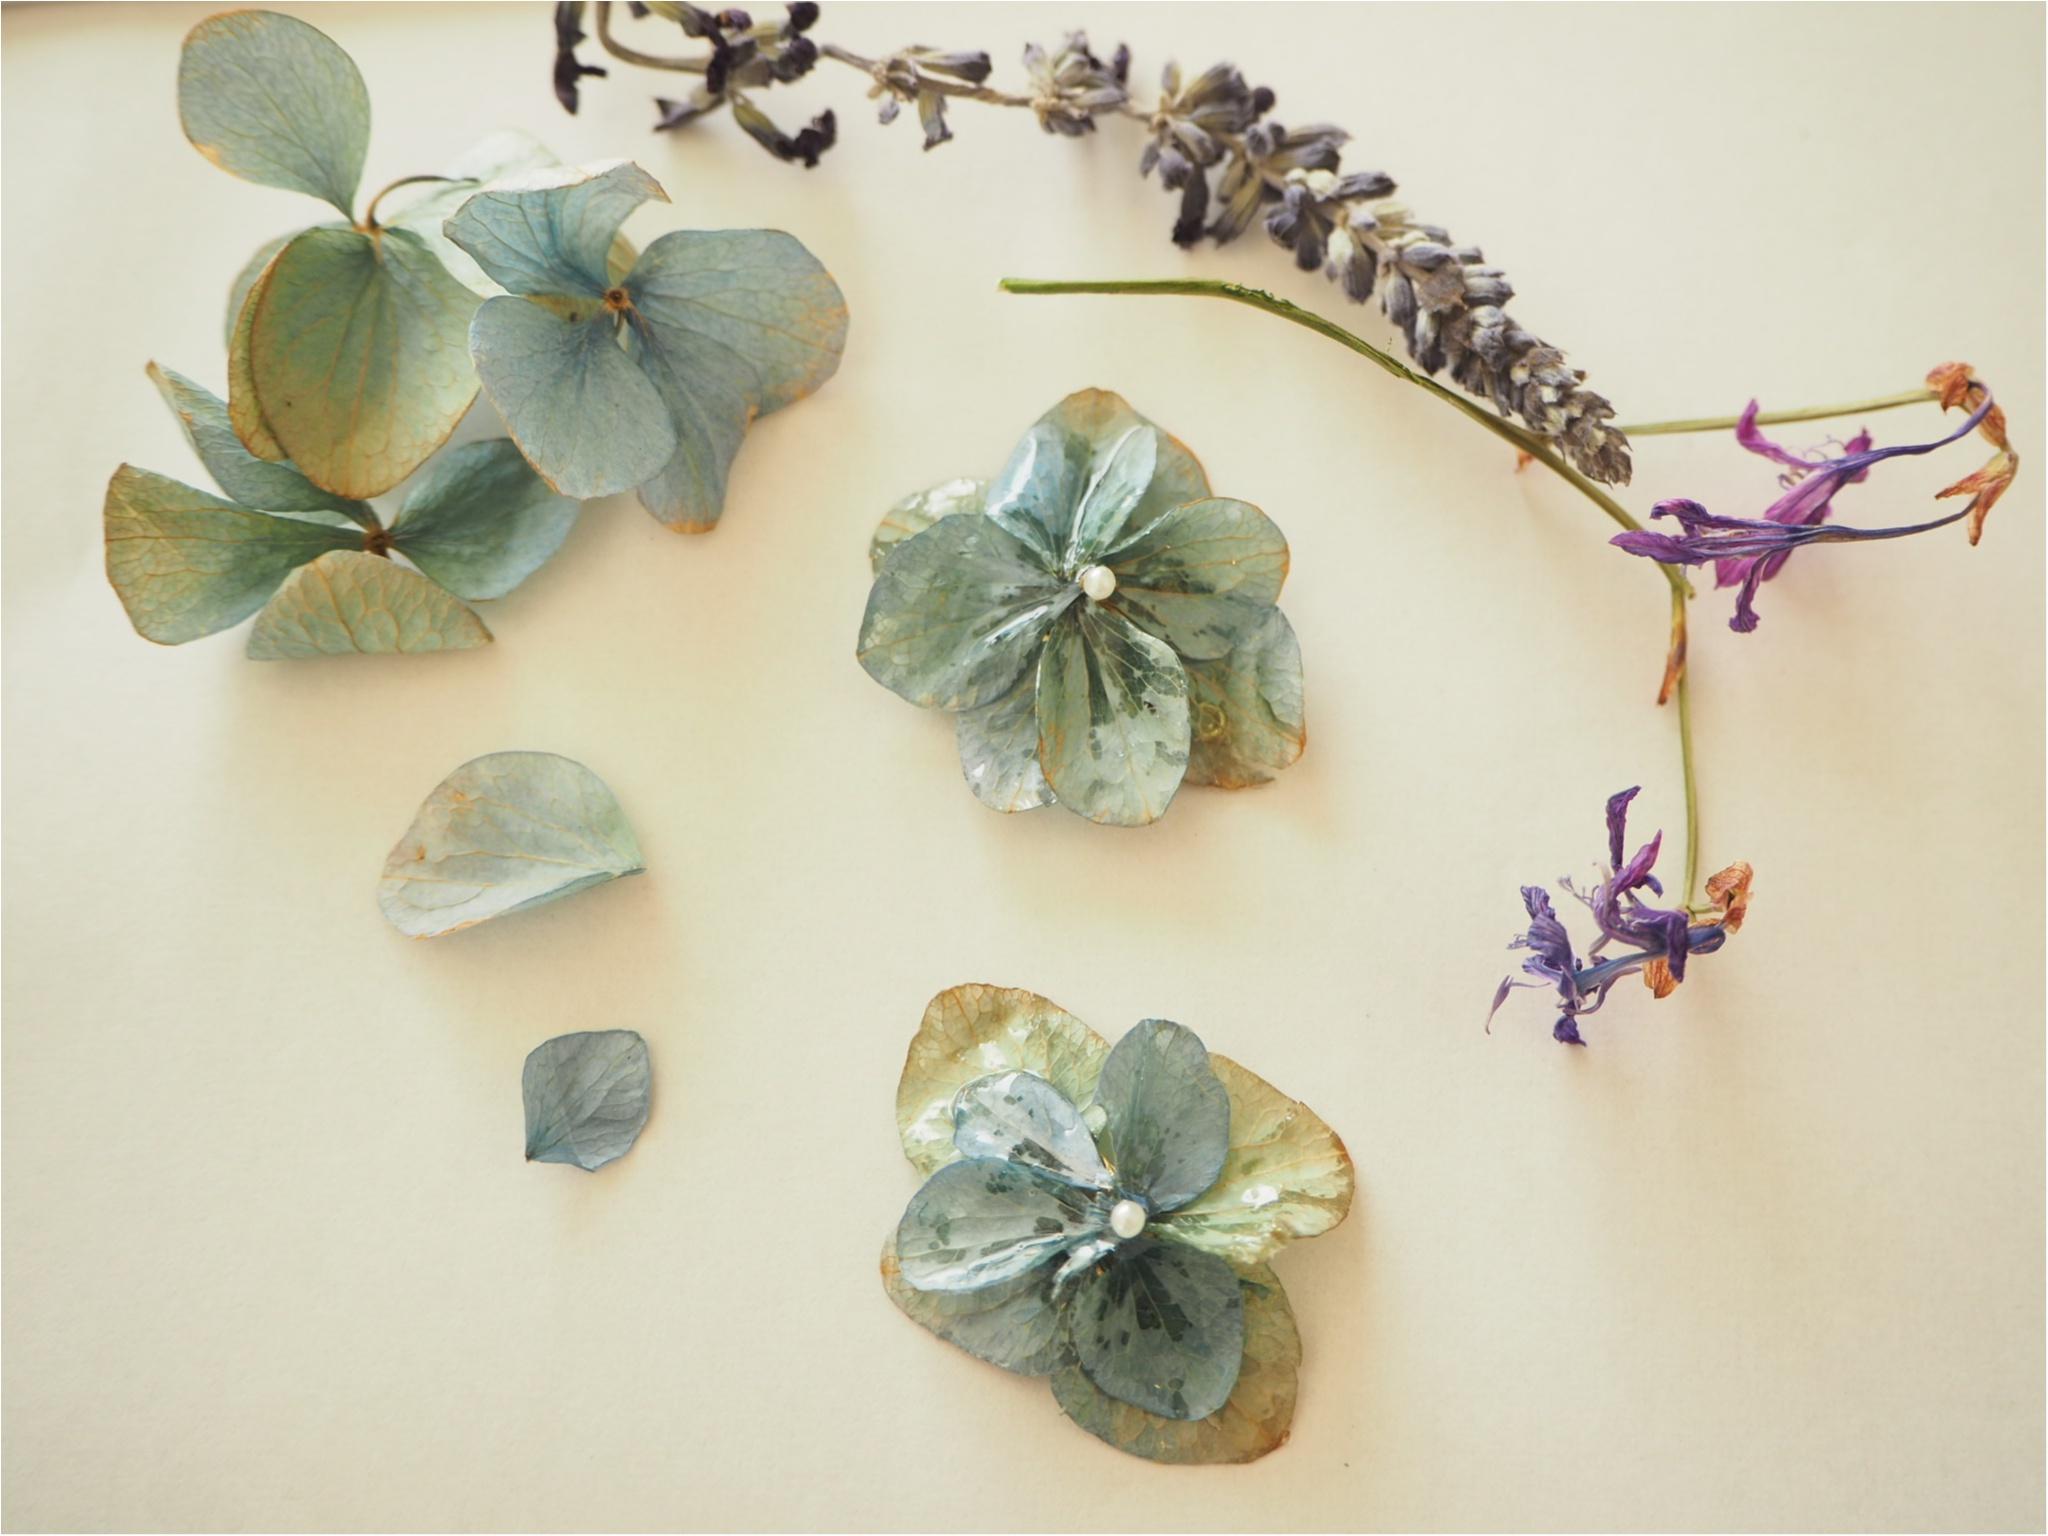 【ハンドメイド部】UVレジンを使って結婚式でいただいたお花を『ドライフラワーアクセサリー』にしてみました。_3